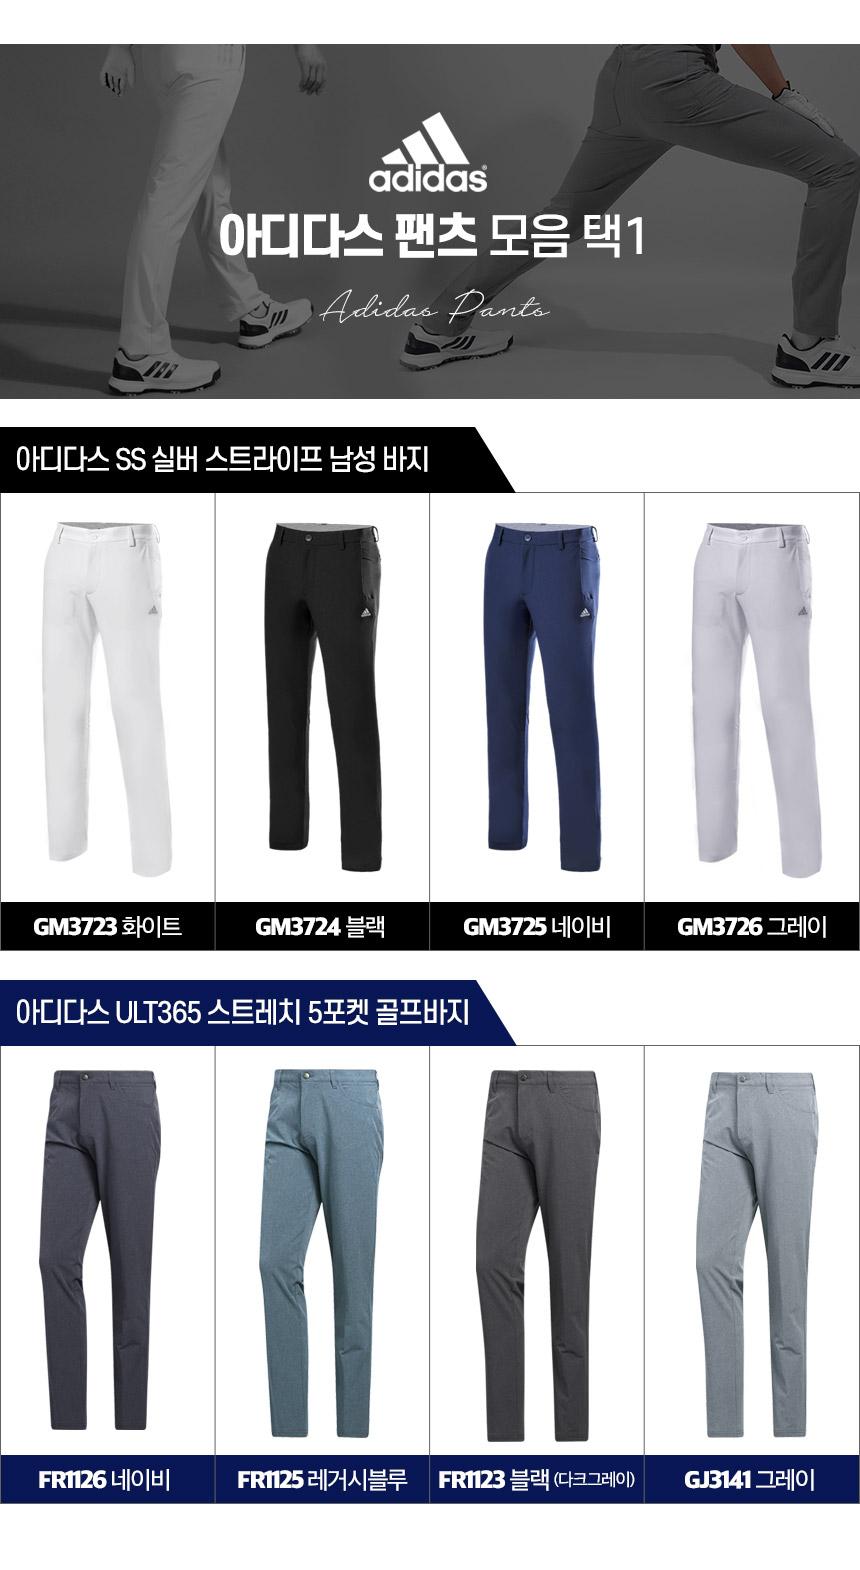 adidas_pants_list_21.jpg